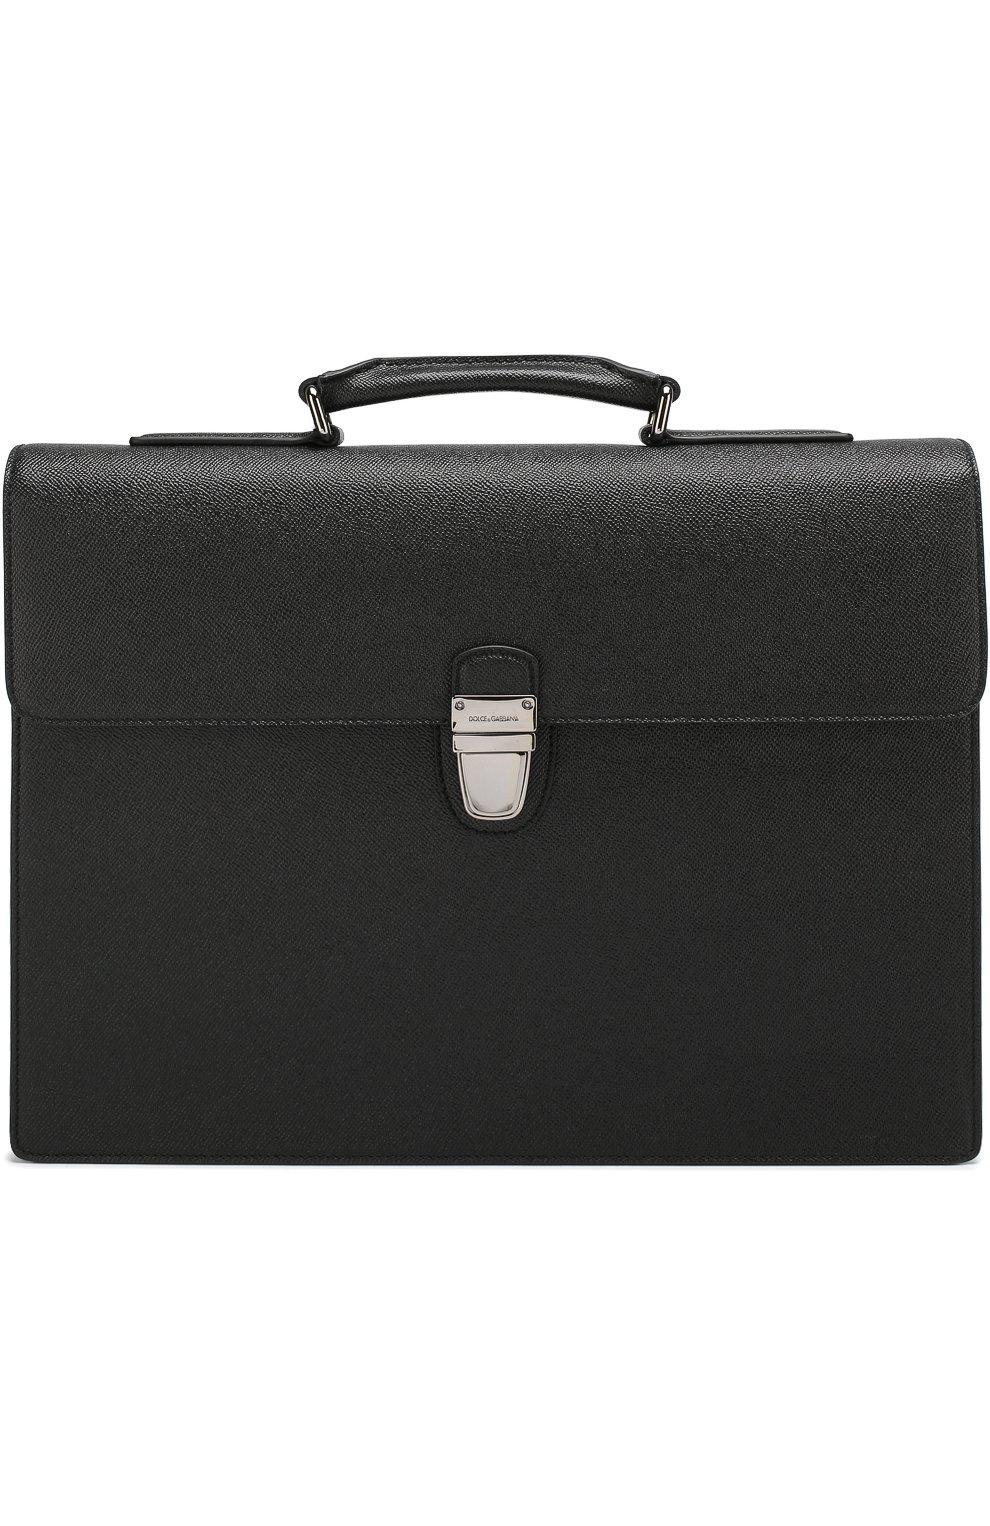 Кожаный портфель Ufficio с клапаном | Фото №1